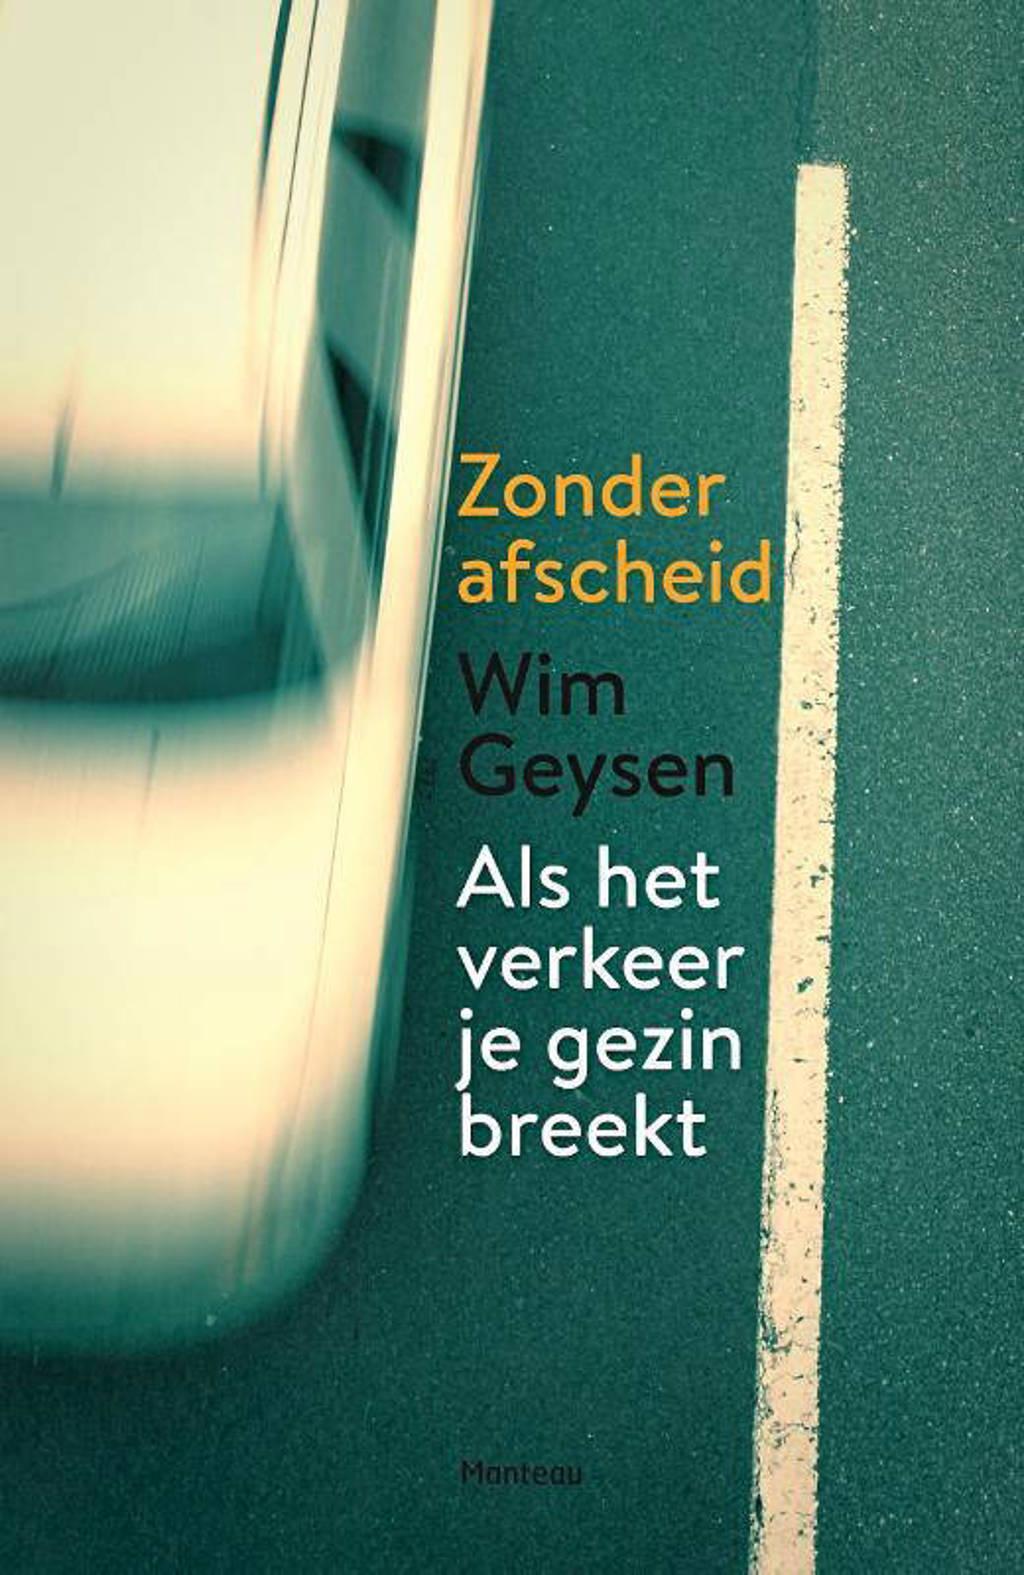 Zonder afscheid - Wim Geysen